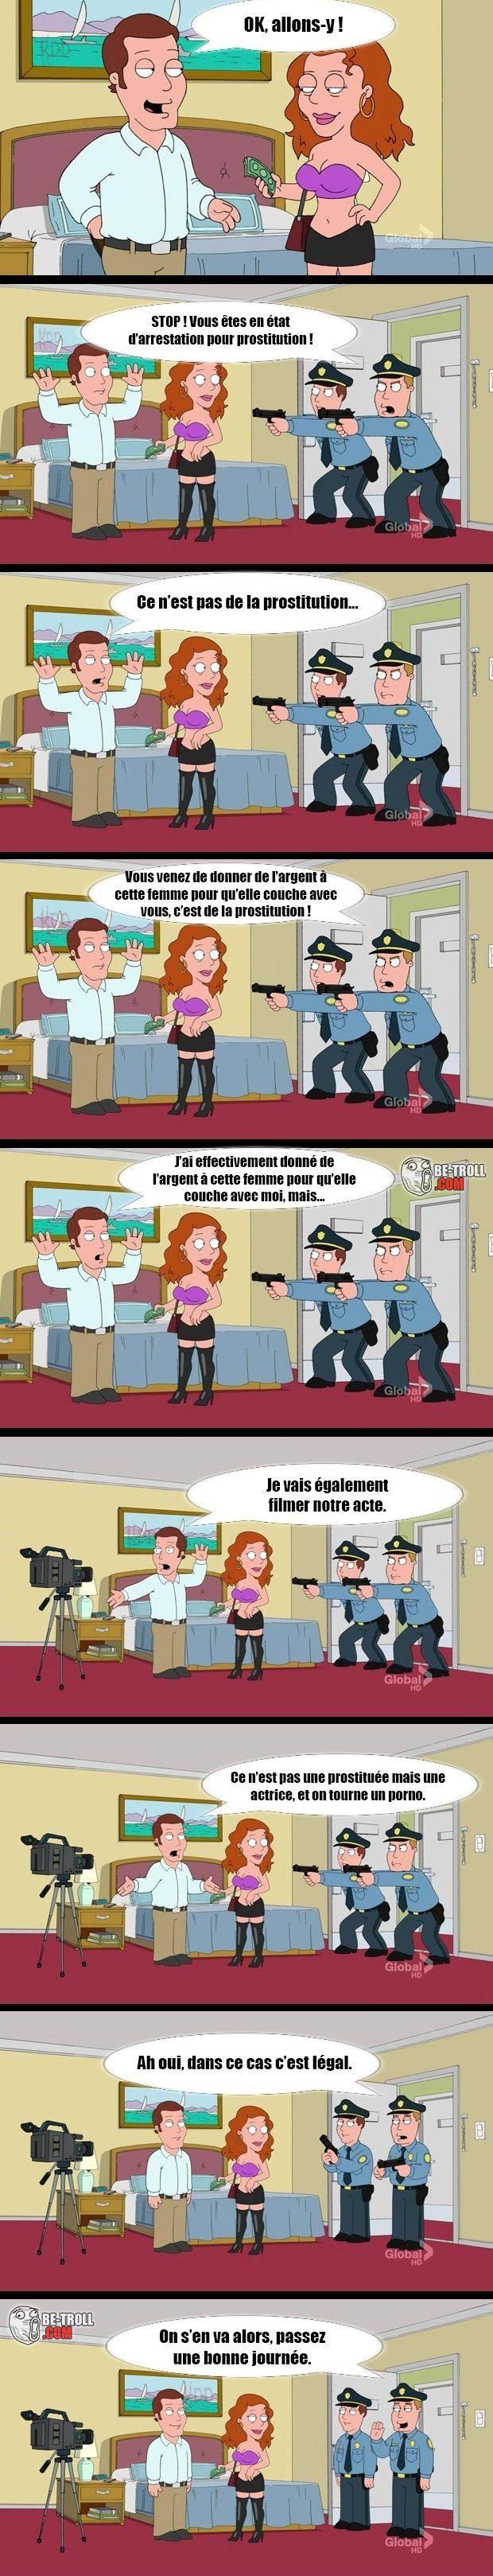 Ce n'est pas de la prostitution... - Be-troll - vidéos humour, actualité insolite